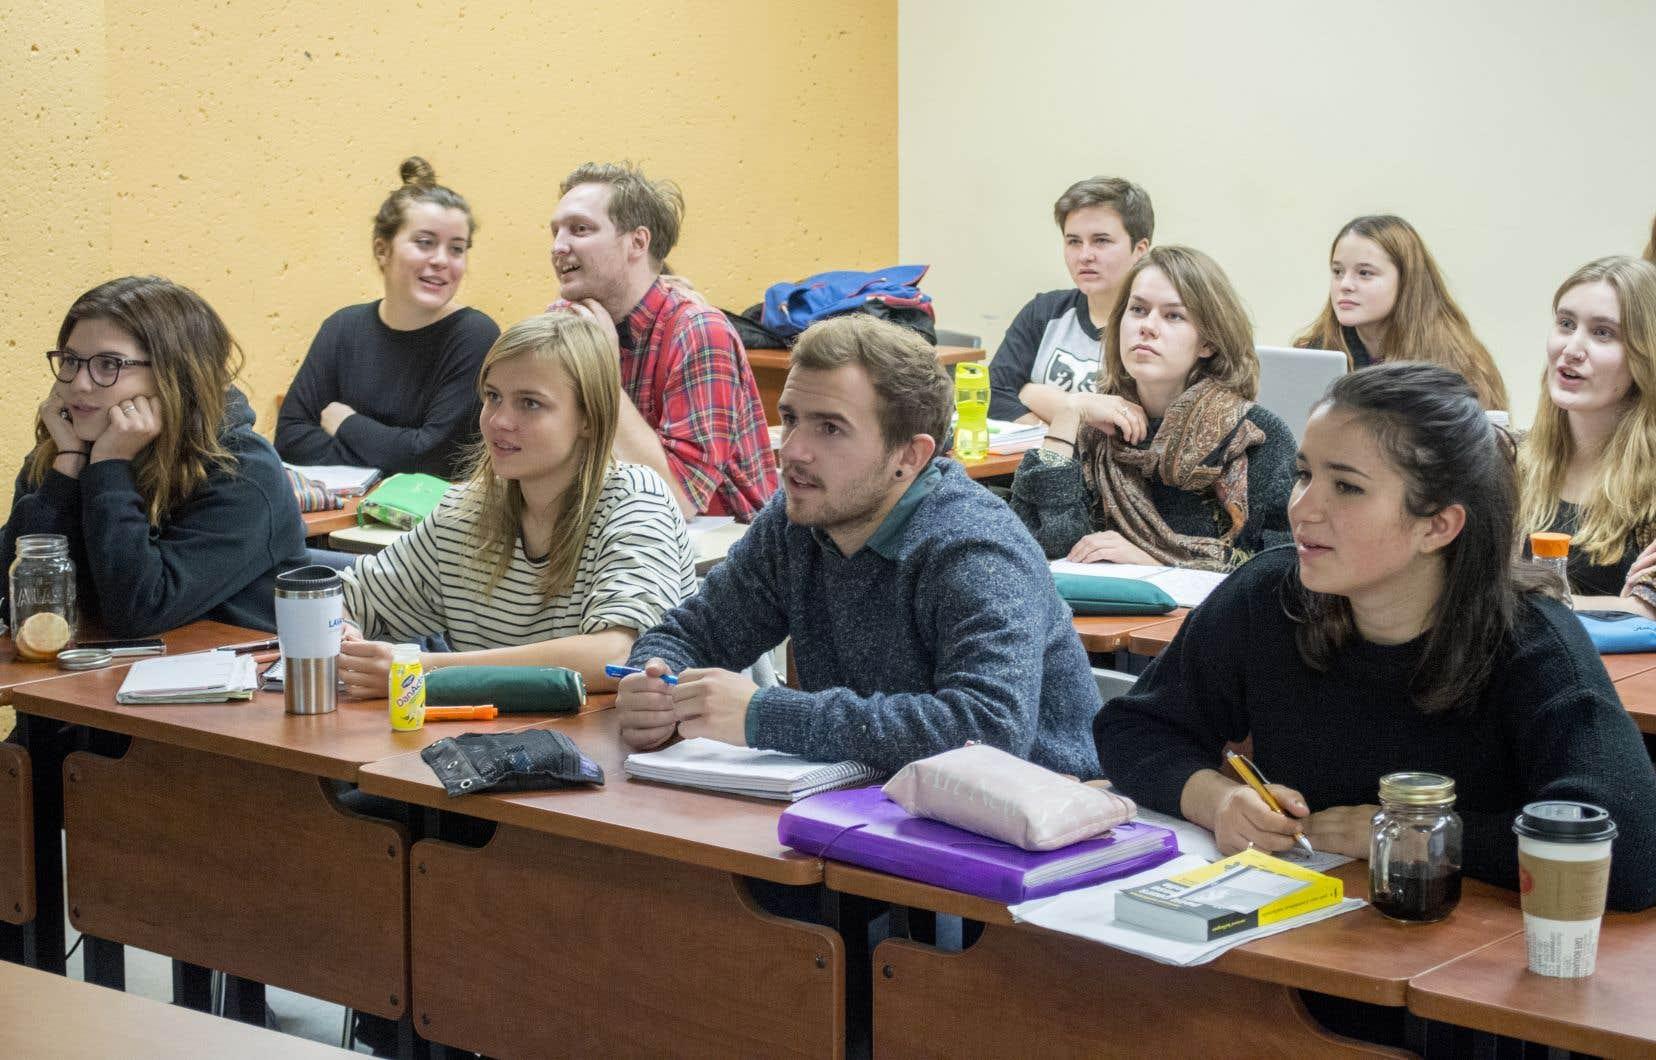 Les universités n'ont pas manqué de rappeler que leur avenir passe par un réinvestissement.